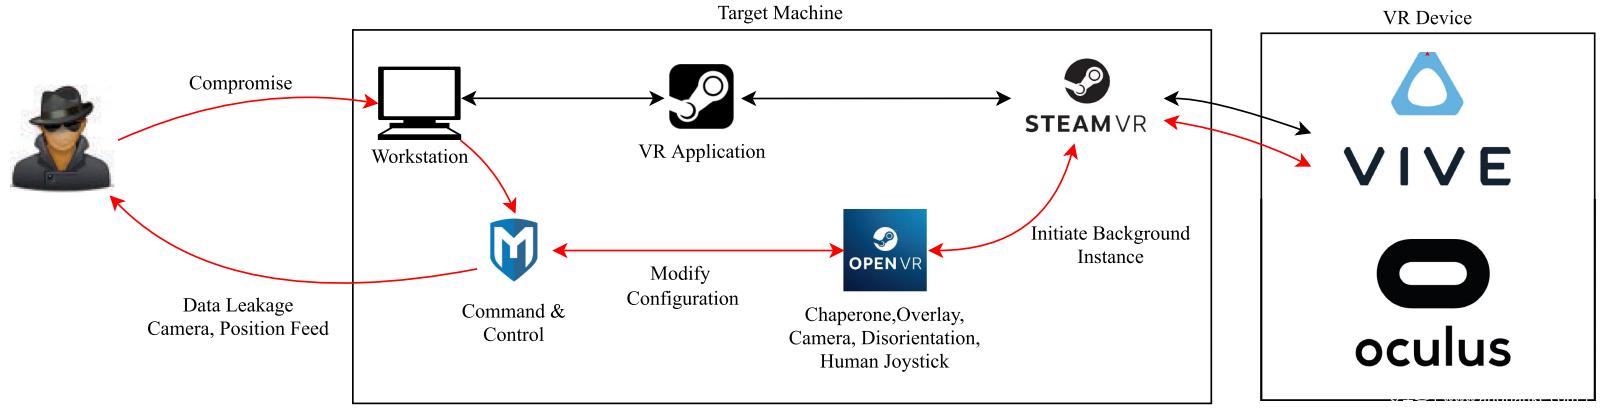 针对沉浸式VR系统的虚拟环境操纵攻击插图4